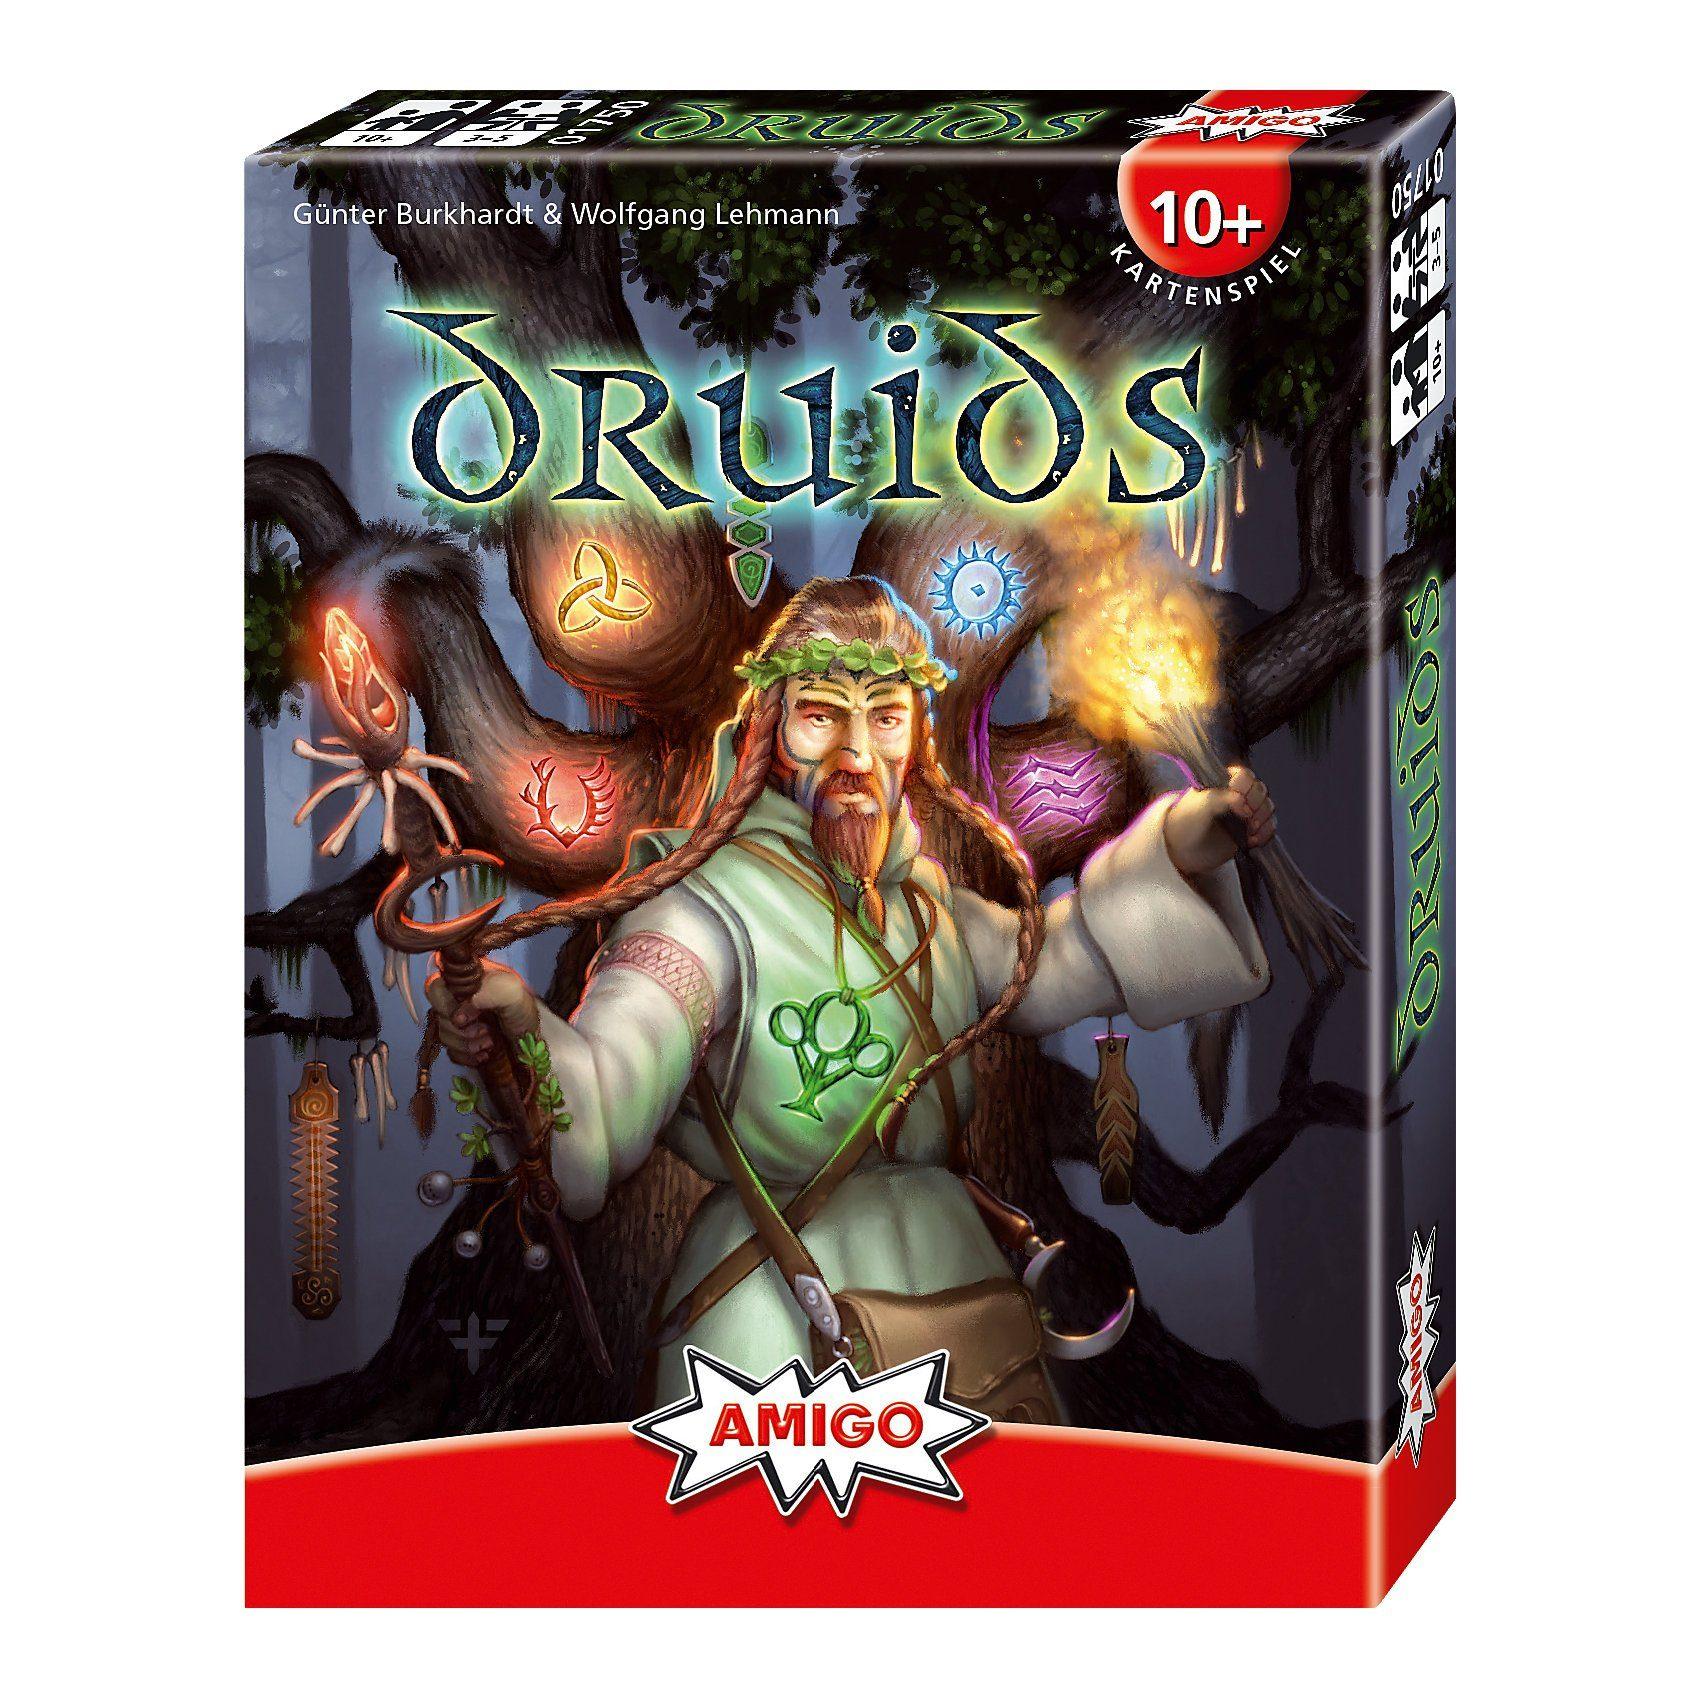 AMIGO Druids